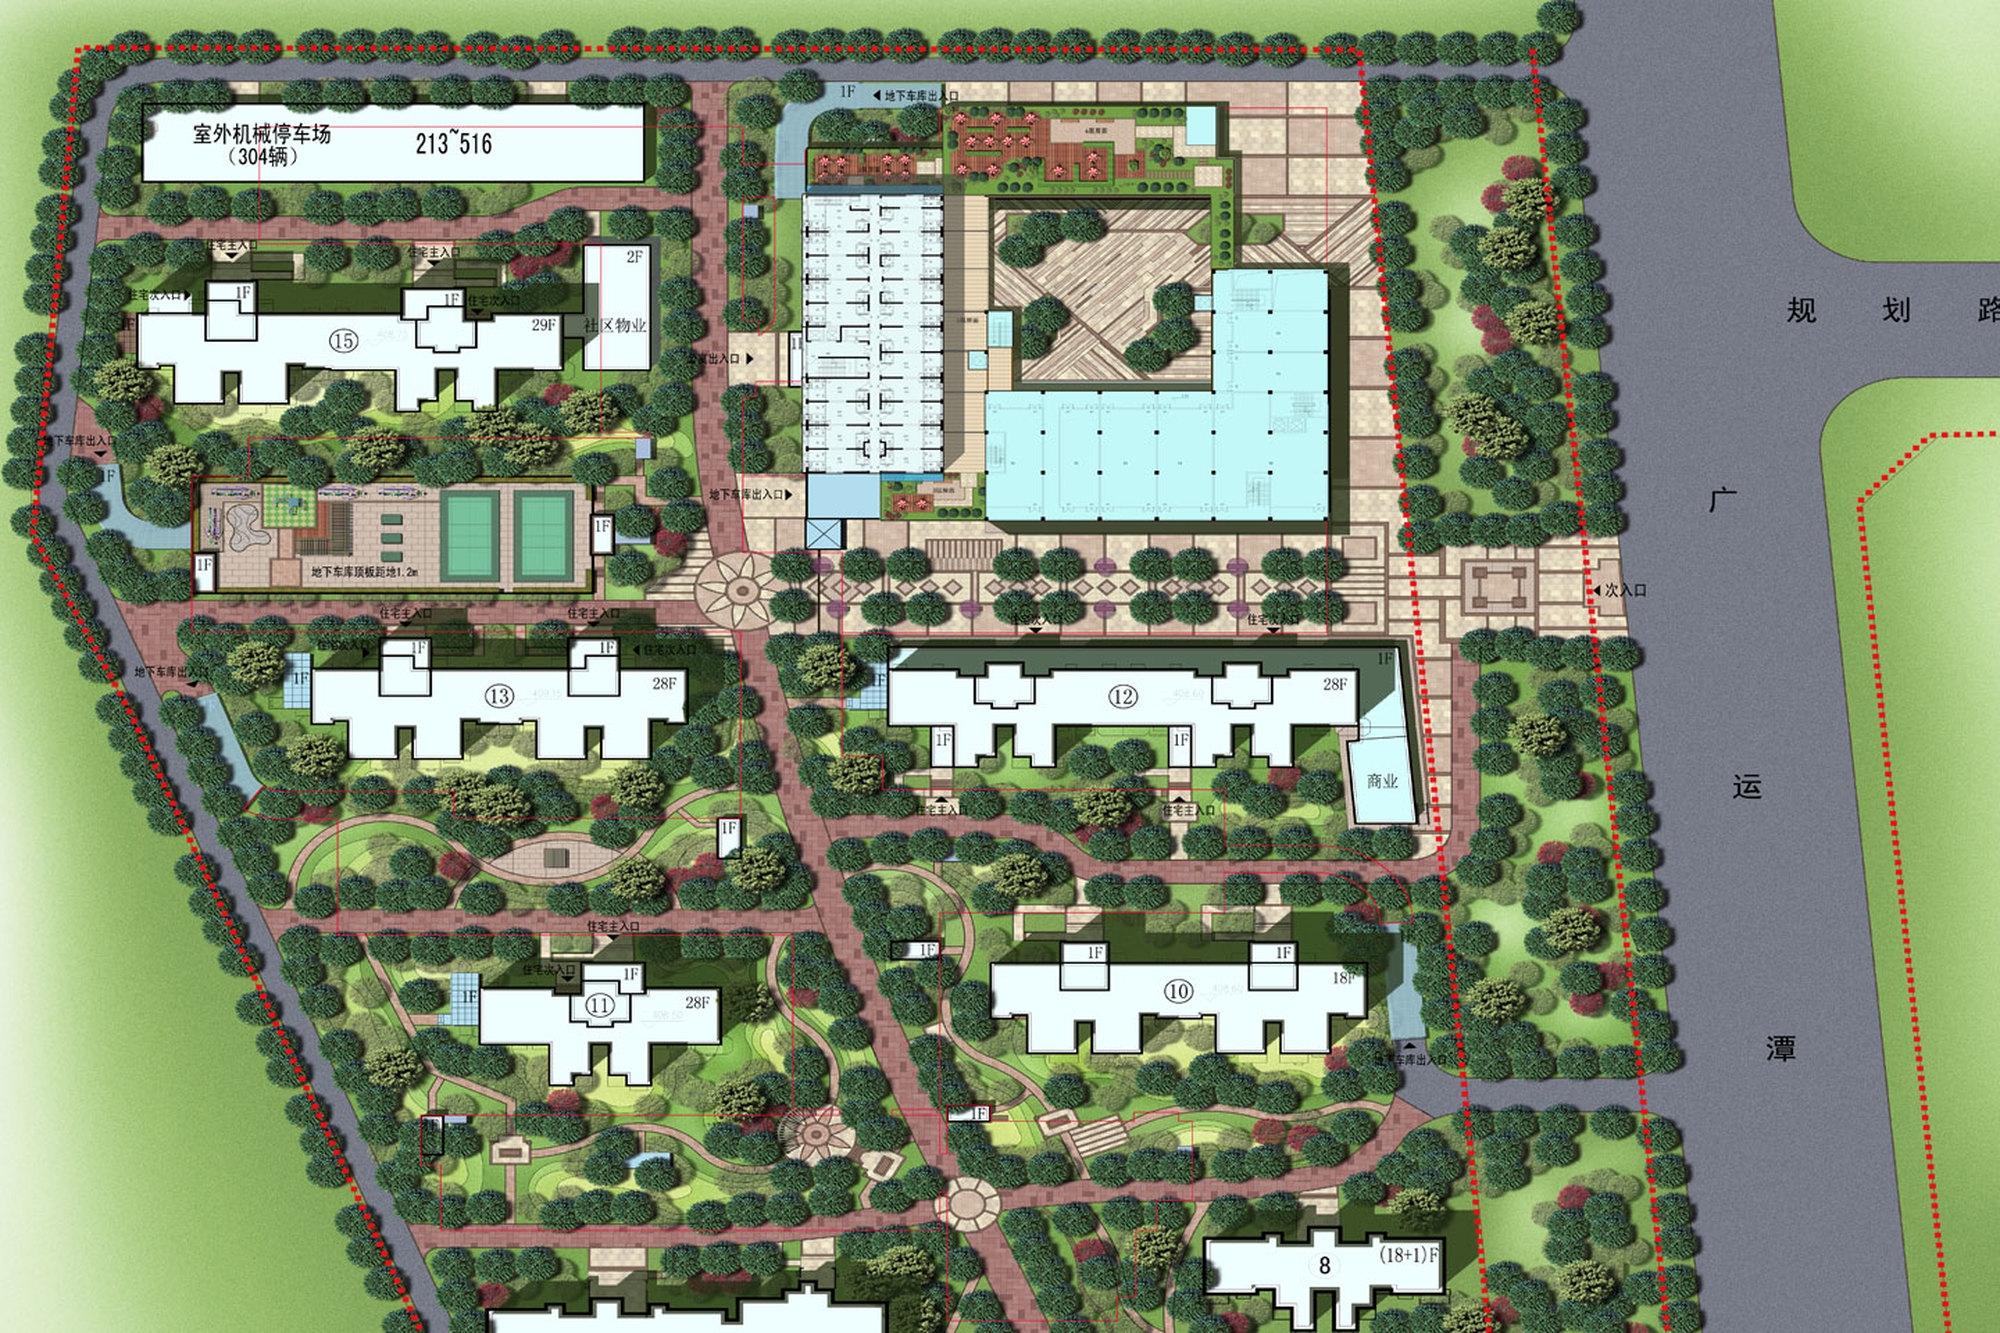 西岸国际花园项目鸟瞰图